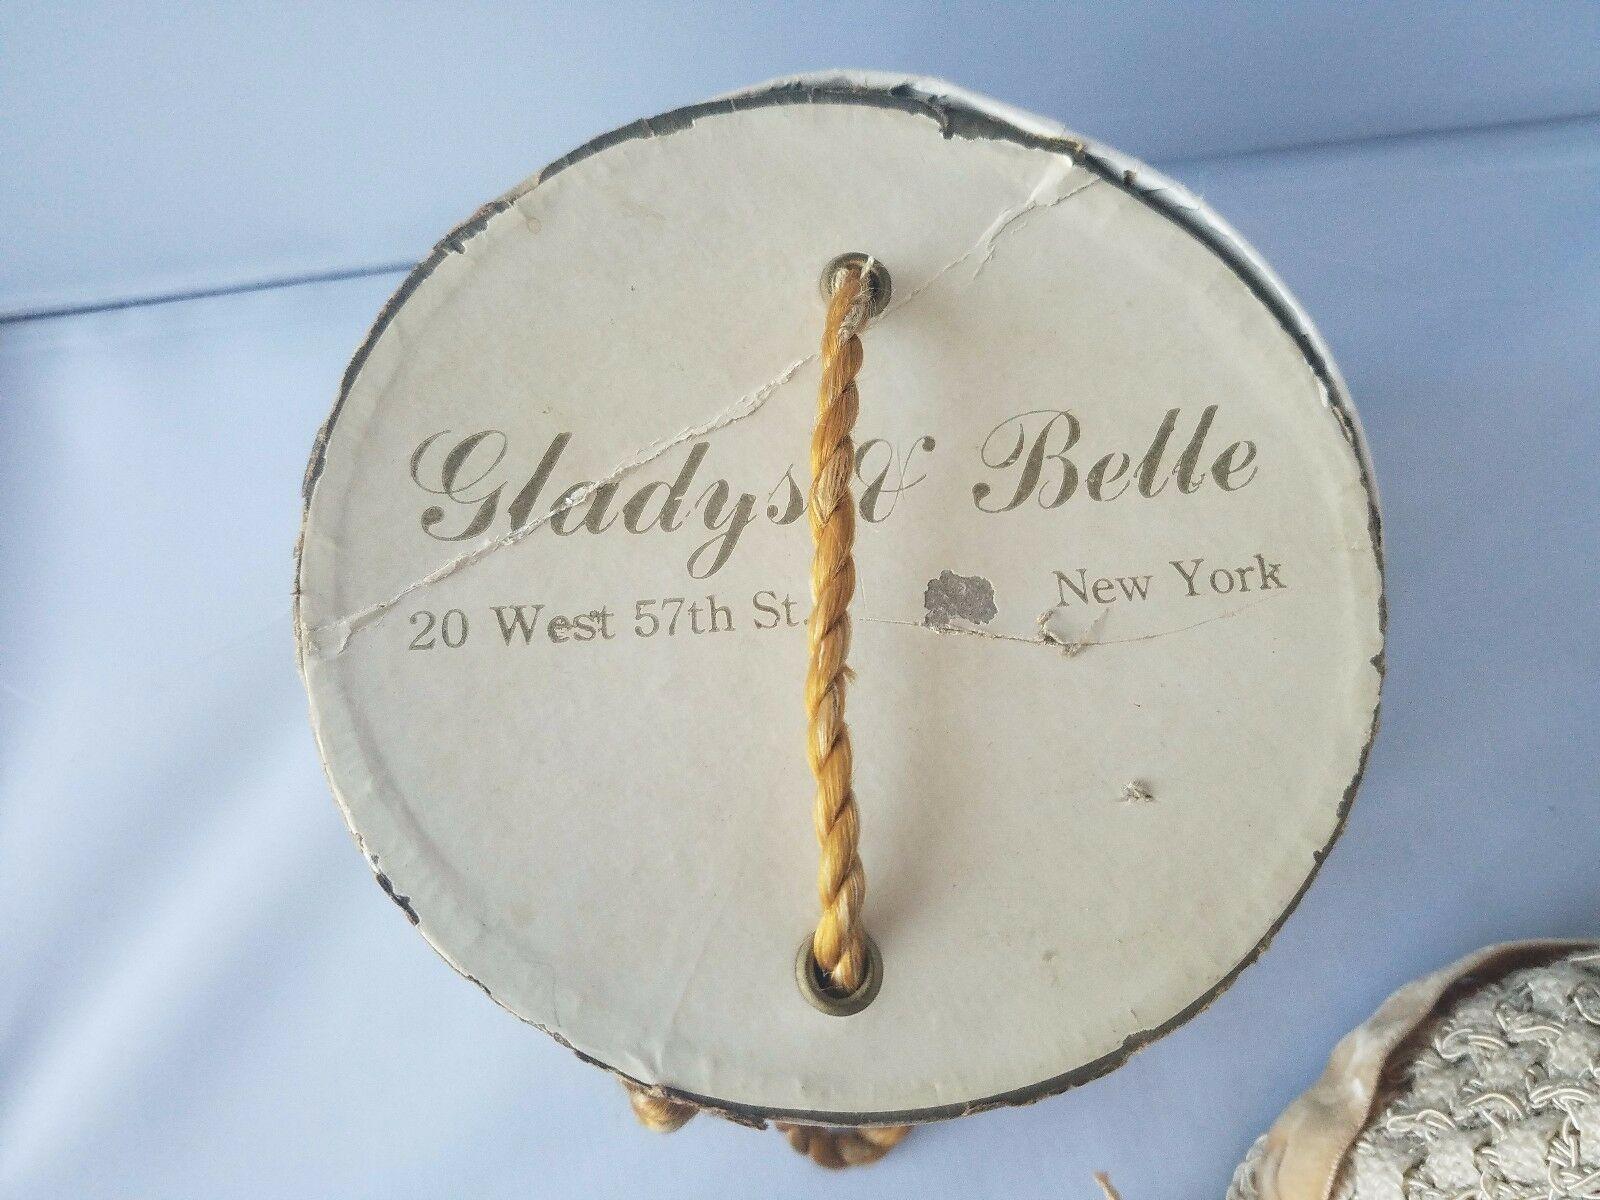 Gladys & Belle Vintage Tricot Beige Chapeau Seau Velours Noeud Boutons avec une